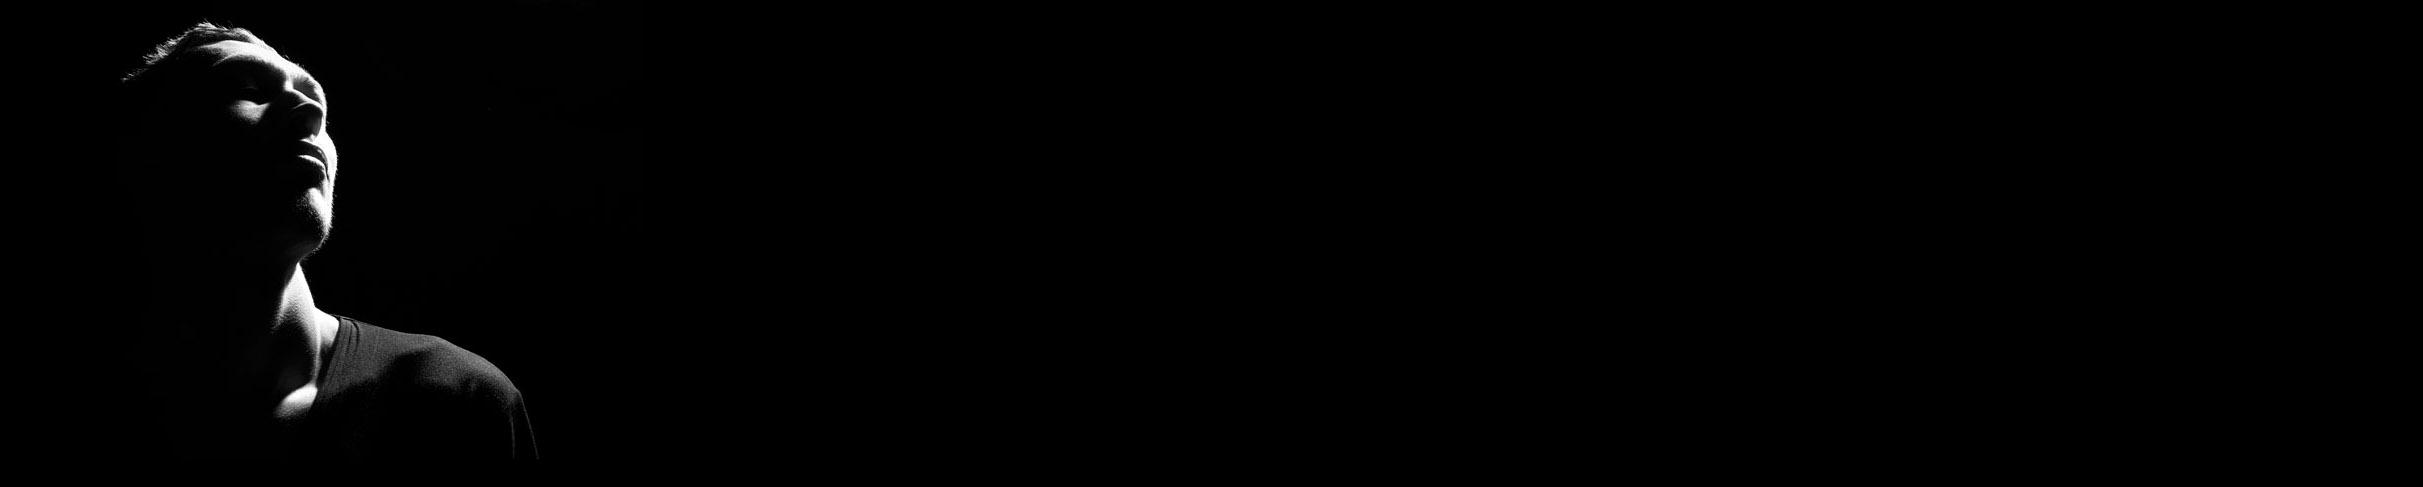 Teen on dark background